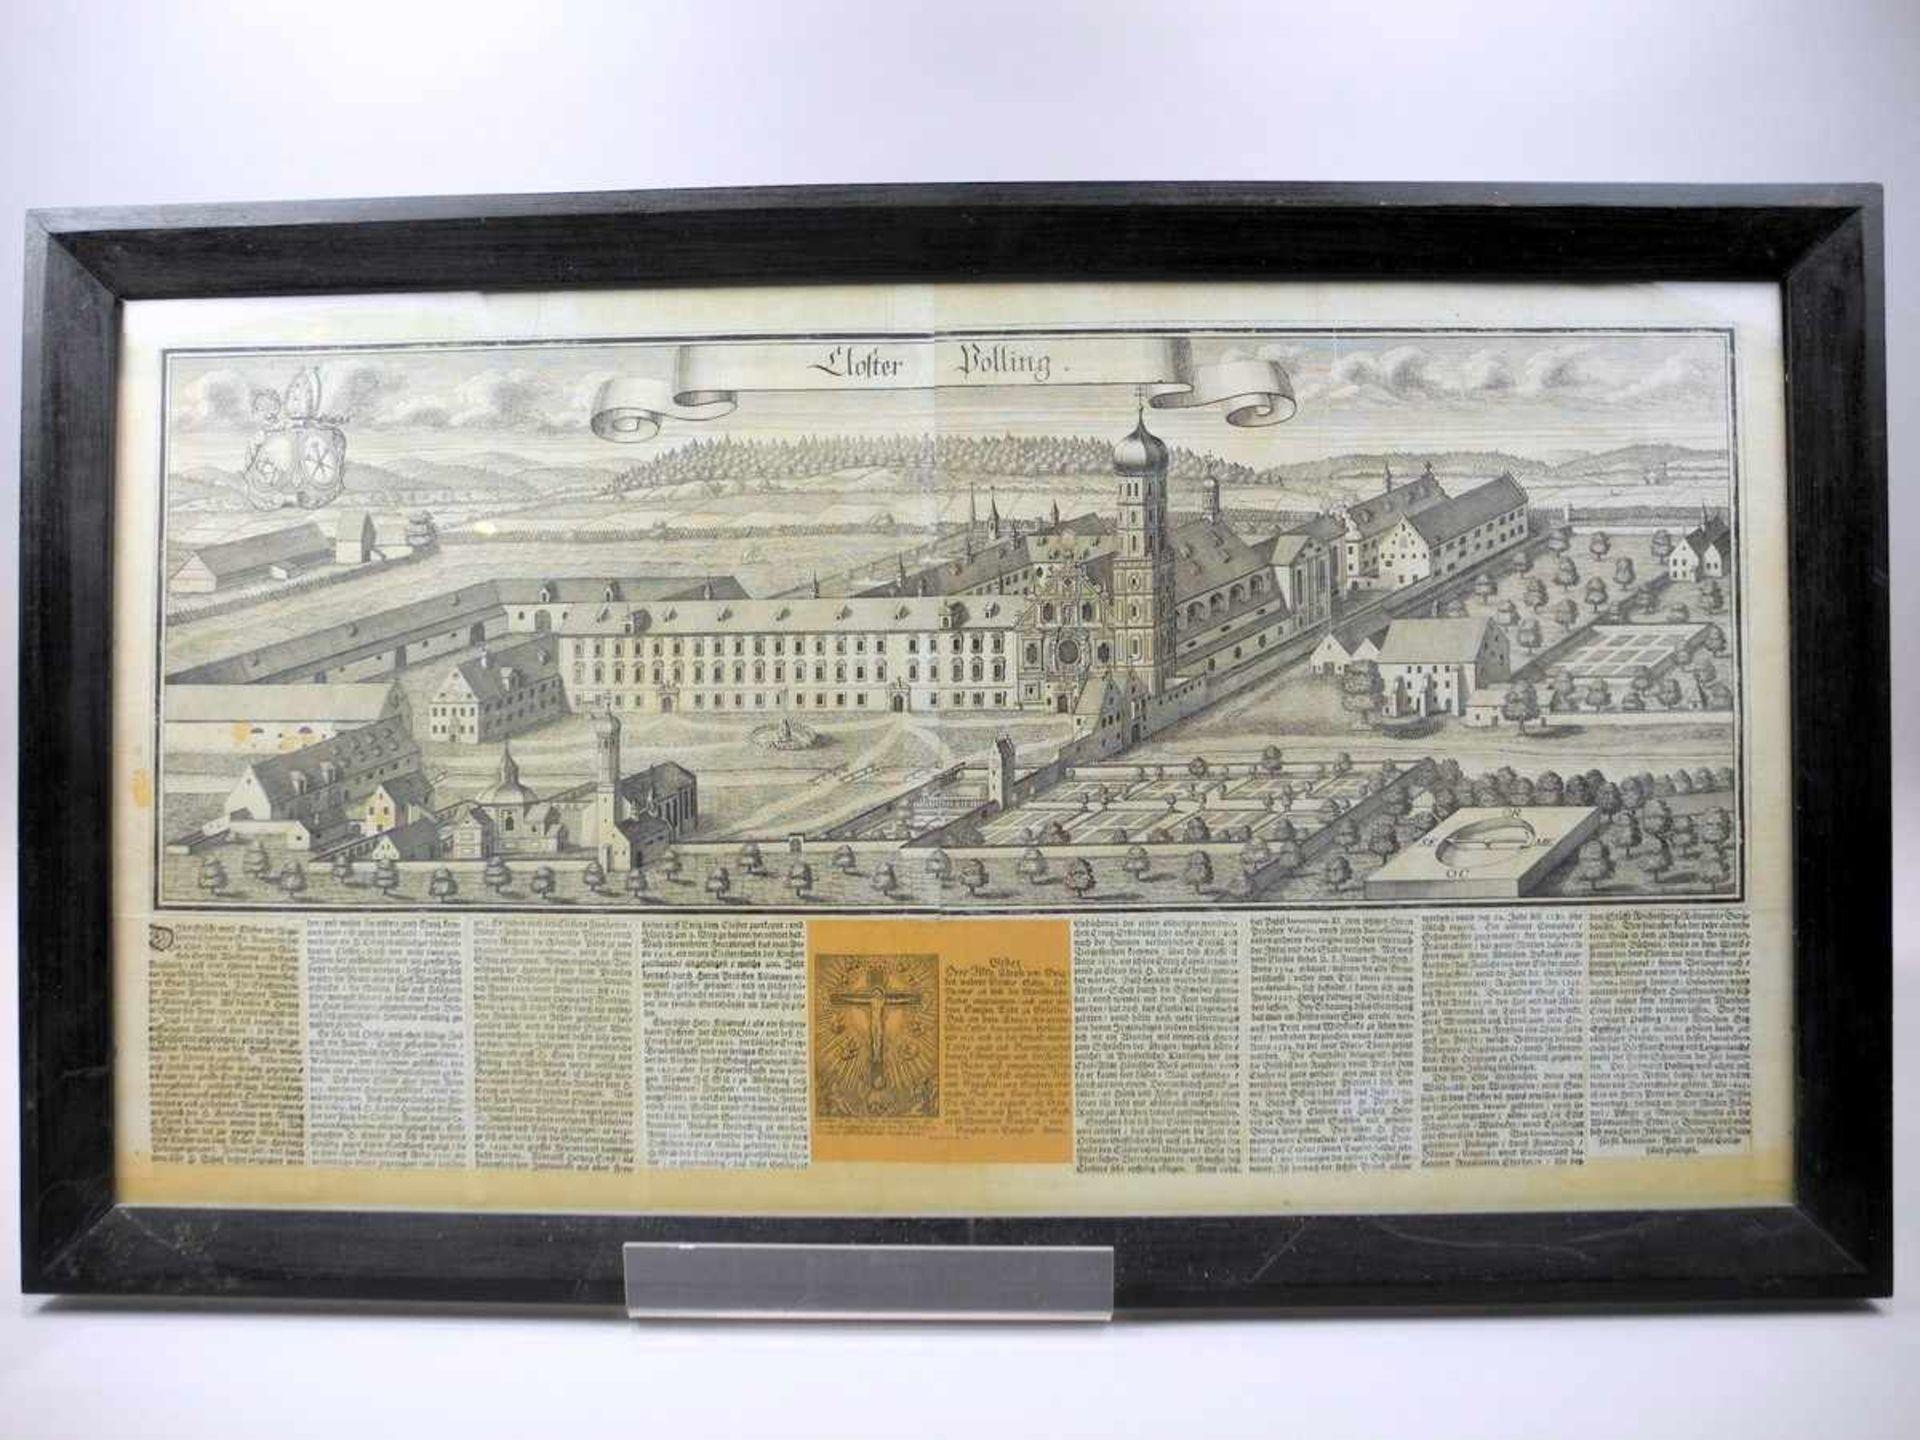 Stich des Klosters Polling Kupferstich/Papier, gerahmt. Ansicht des Klosters Polling. Verso mit